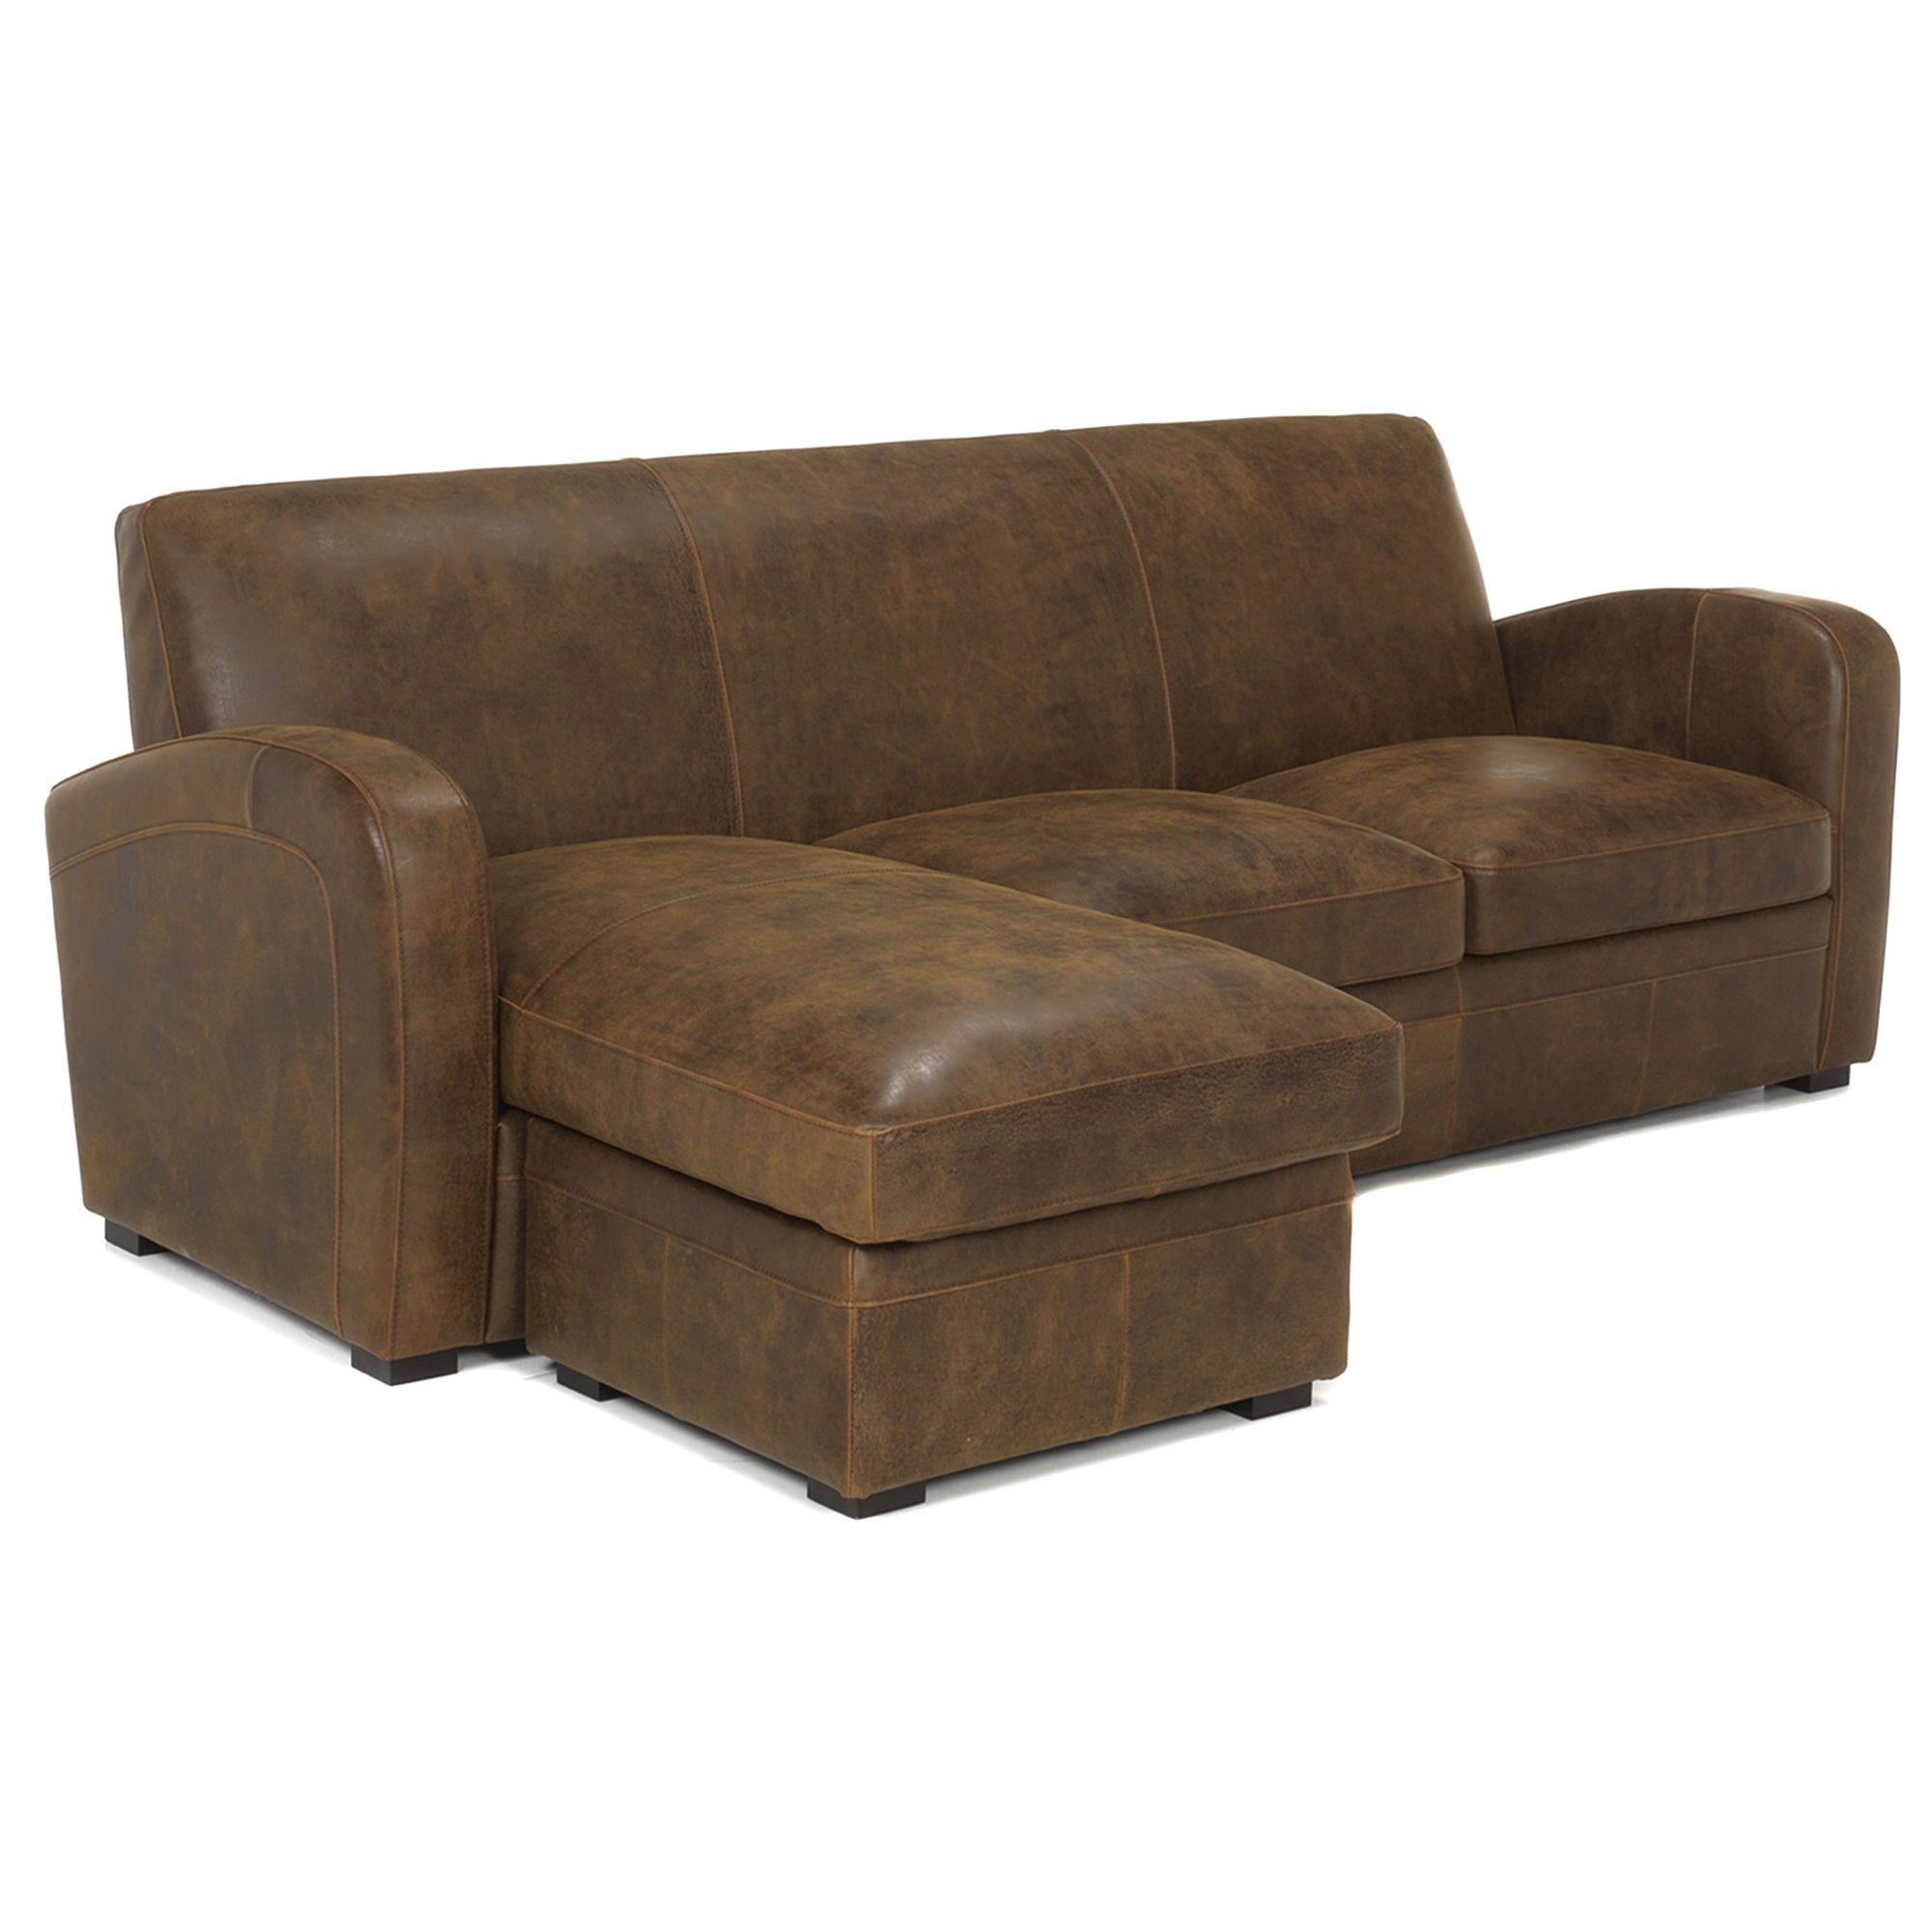 Canap d 39 angle r versible en croute de cuir marron vieilli cuba salon canap s d 39 angle for Canape et salon